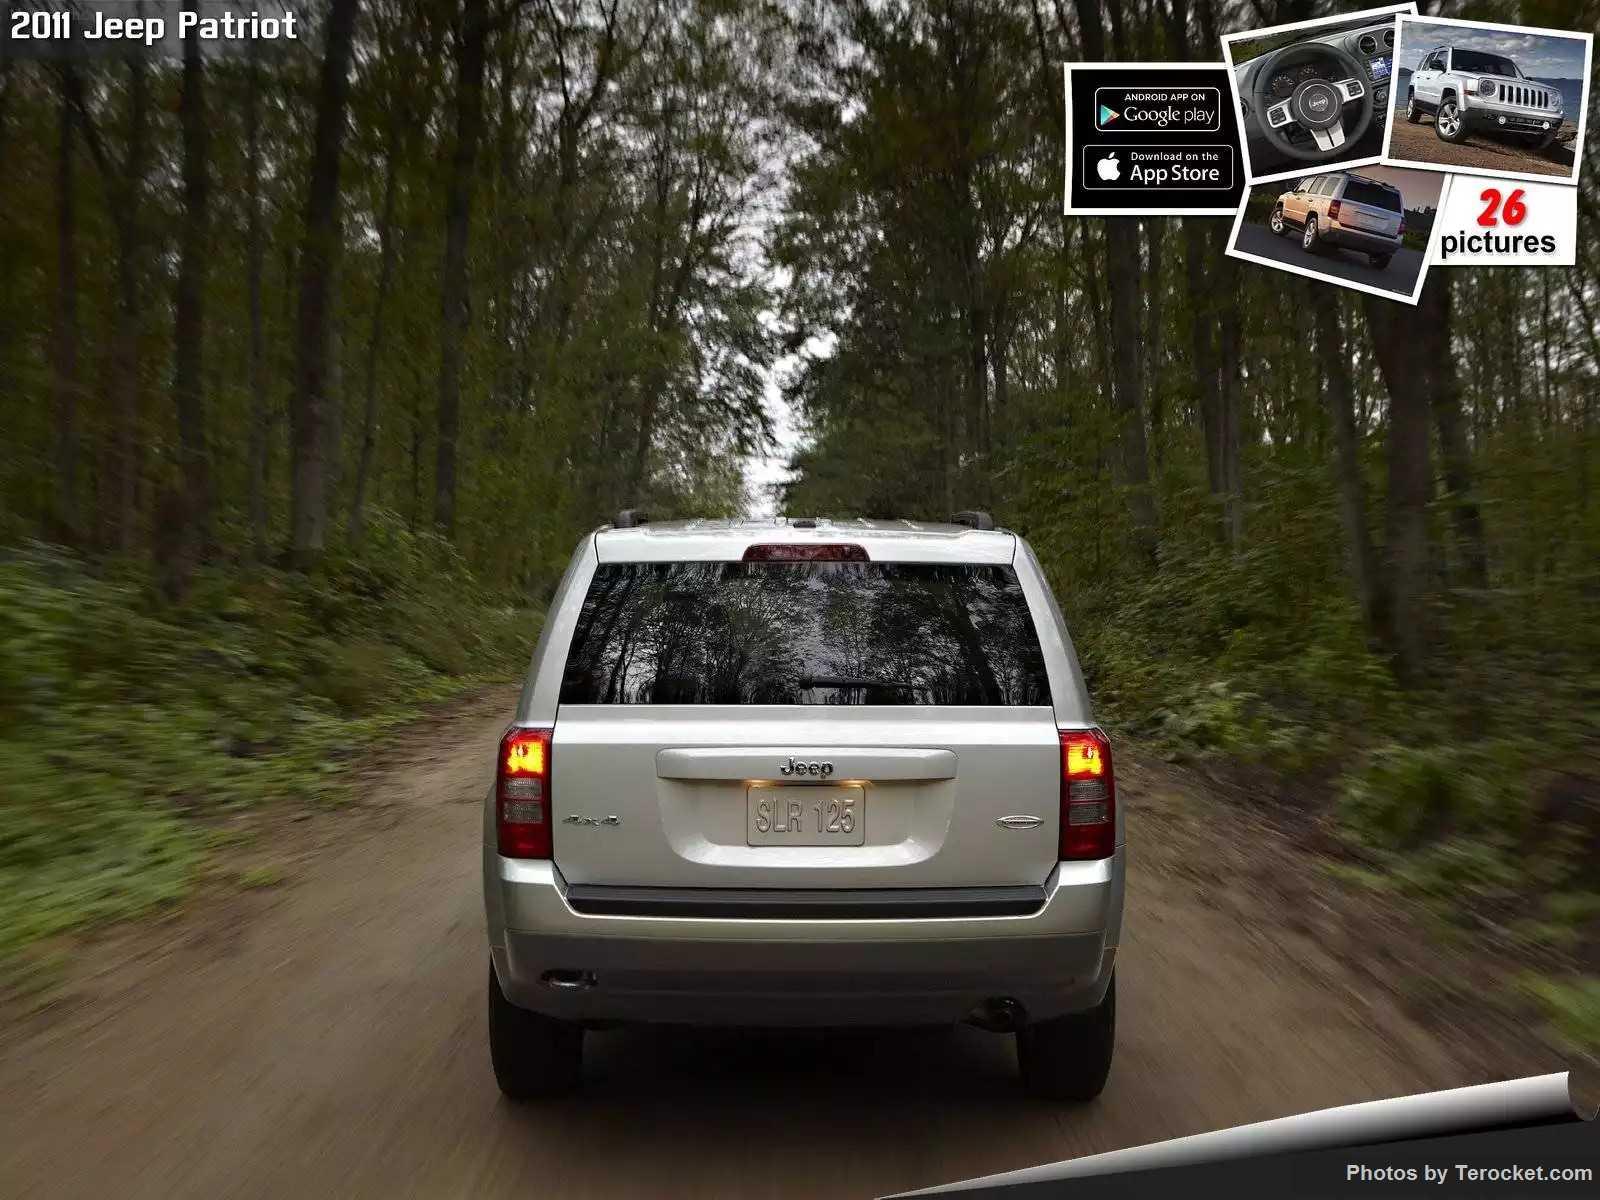 Hình ảnh xe ô tô Jeep Patriot 2011 & nội ngoại thất